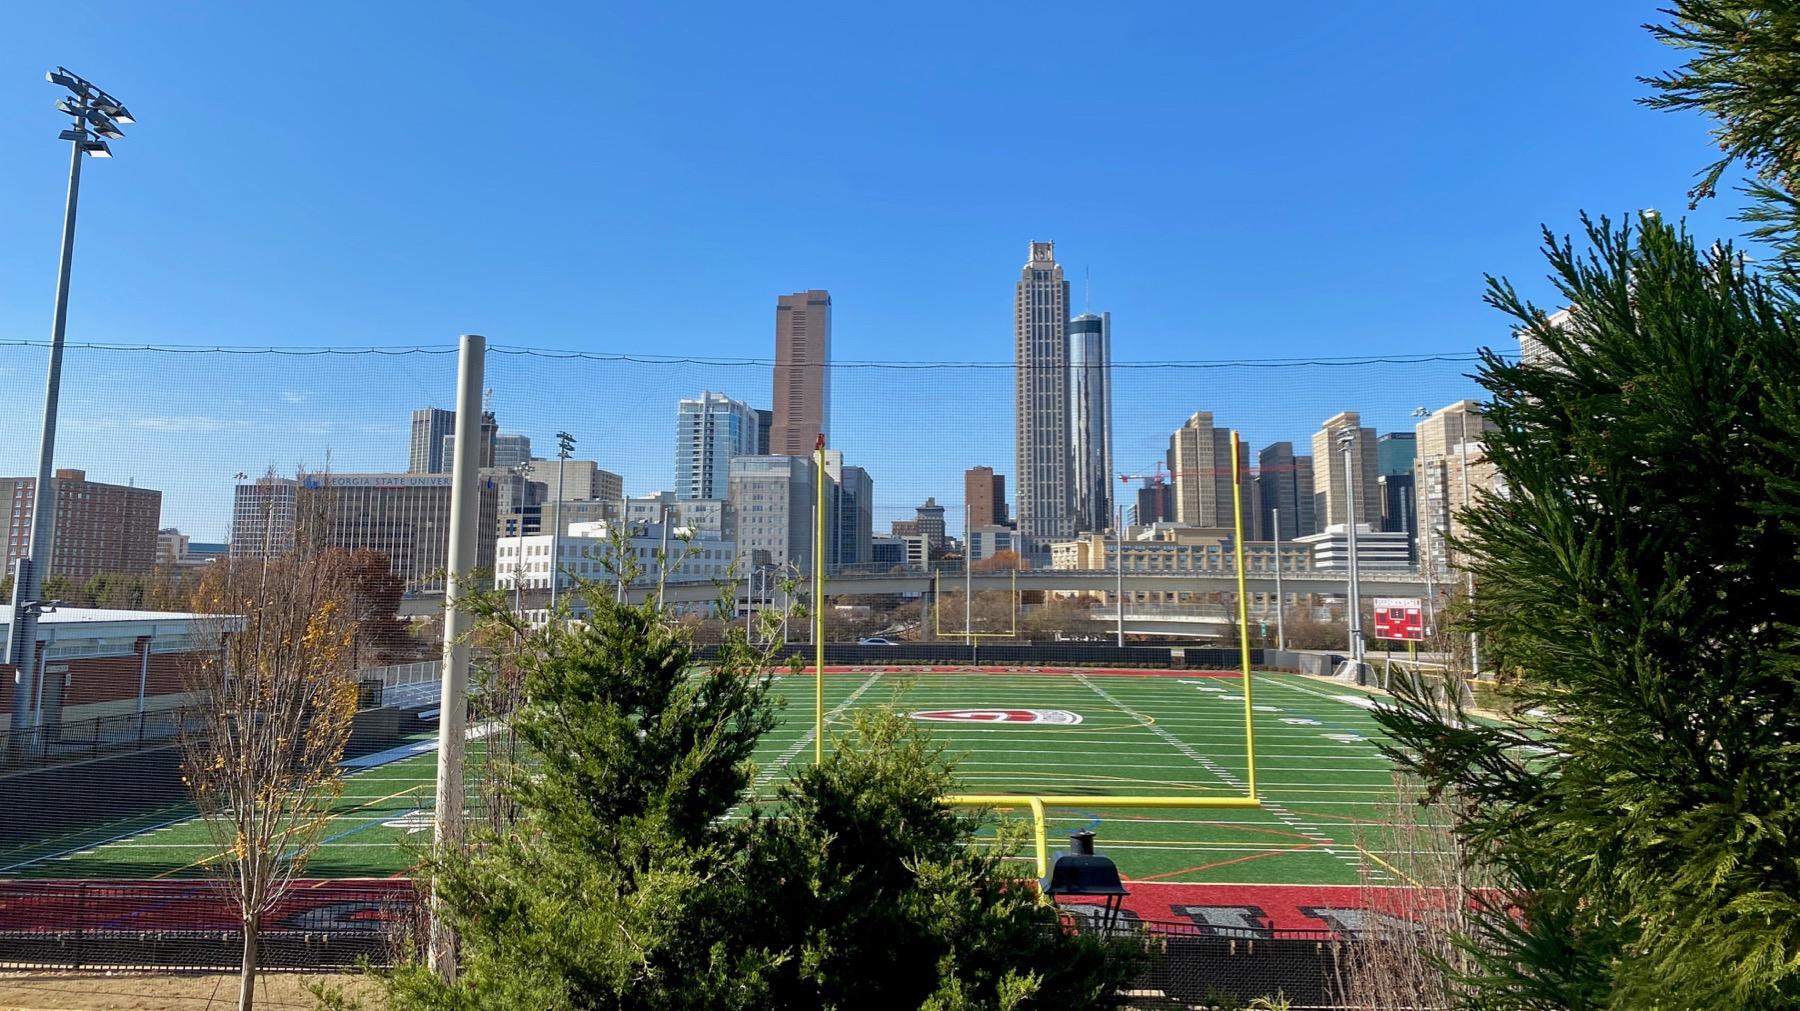 Grady practice football field